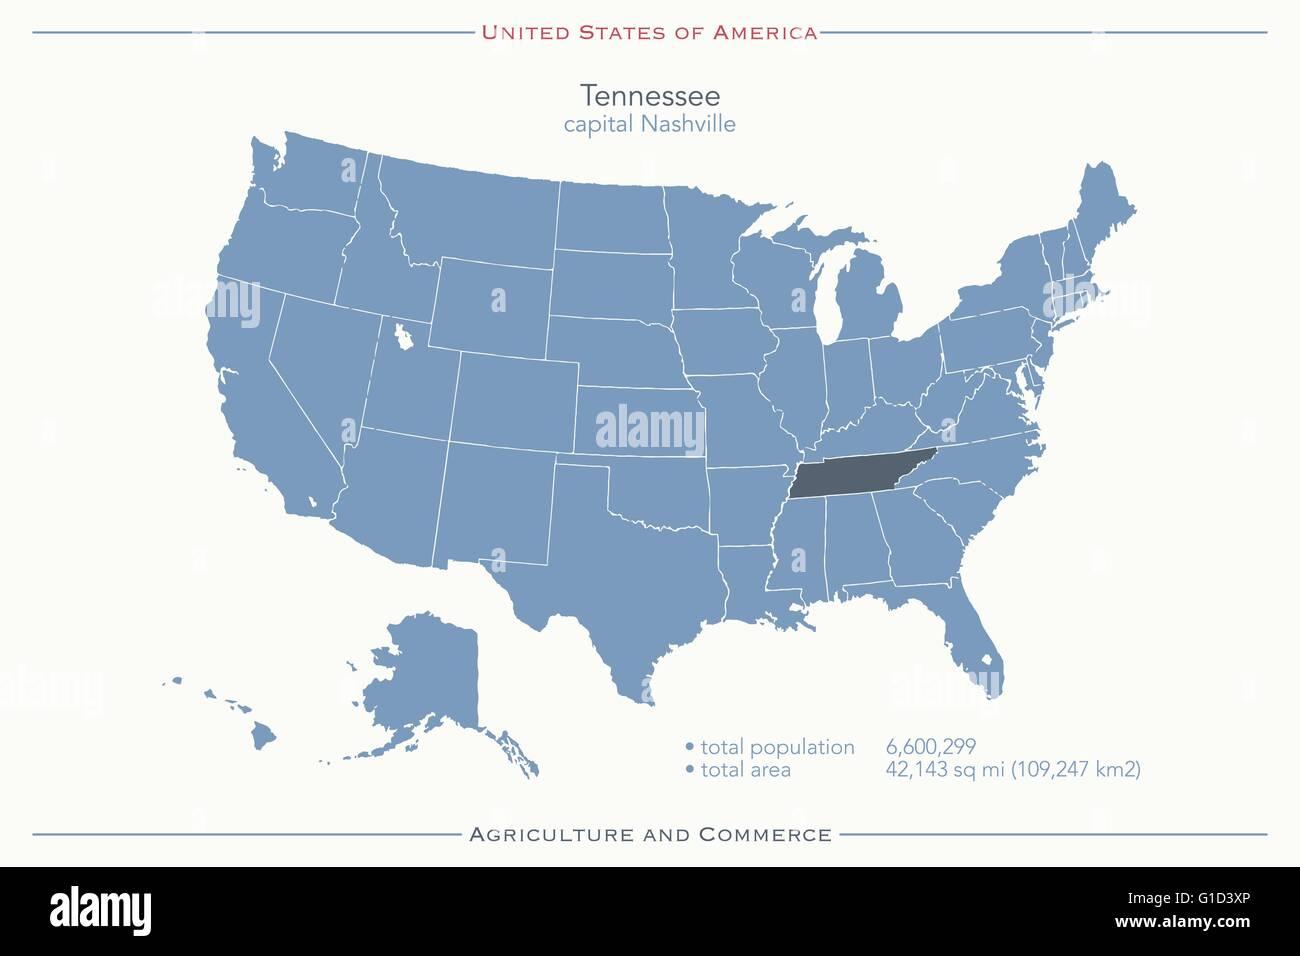 Stati Uniti Cartina Fisica E Politica.Stati Uniti D America Mappa Isolato E Tennessee Membro Territorio Vettore Politico Usa Mappa Geografica Modello Di Pagina Di Intestazione Immagine E Vettoriale Alamy